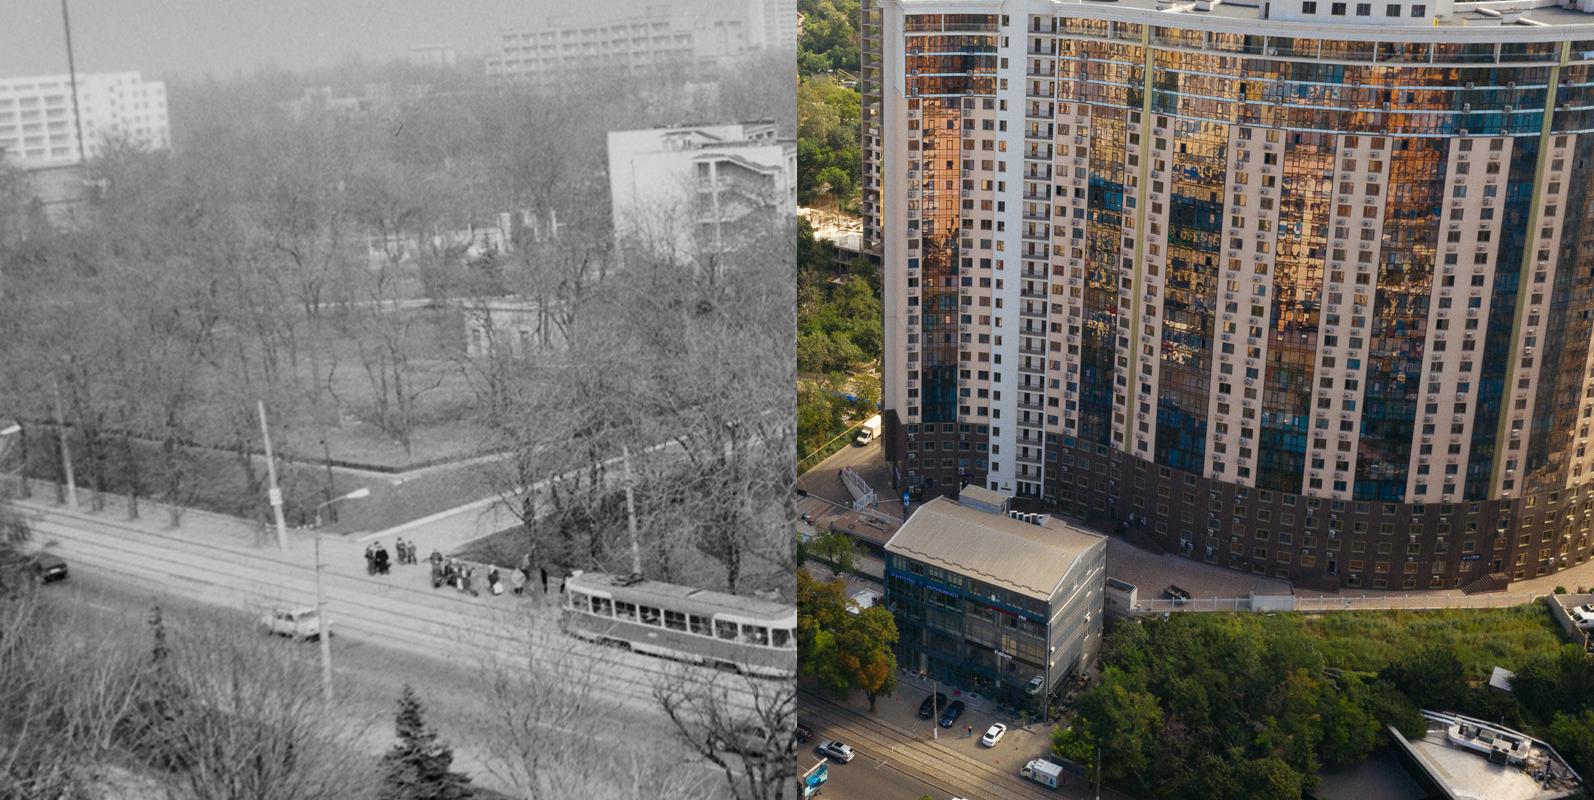 Как изменились украинские города за 30 лет. Самые показательные фотографии